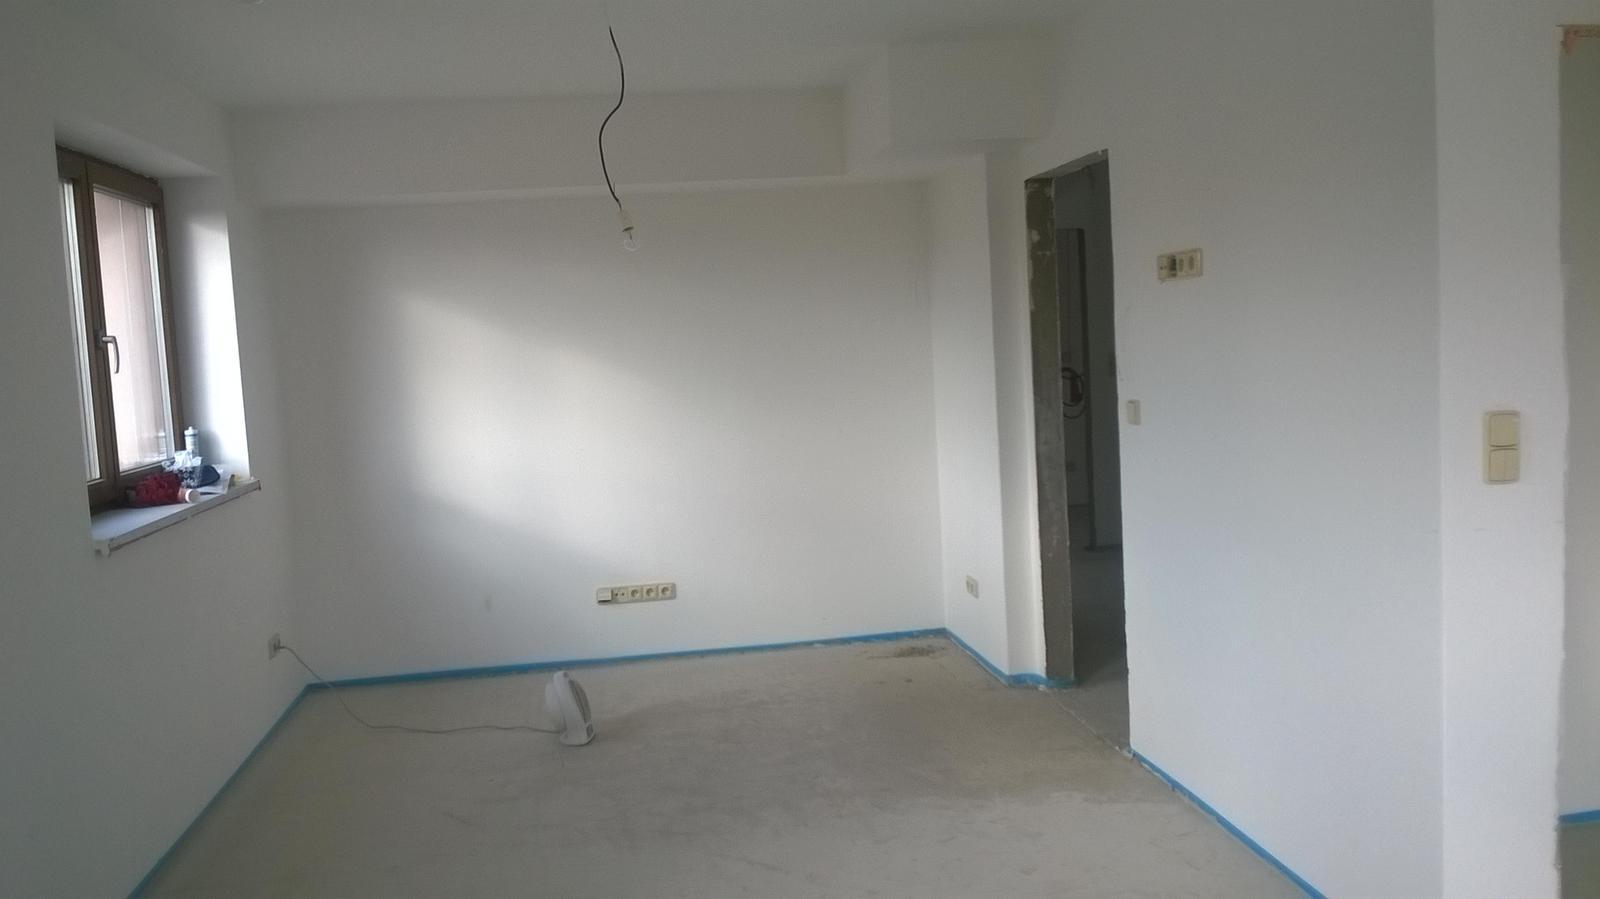 Stavba pasivního domu - Obývák... sušíme jak vzteklí,aby vysychaly anhydridy a mohly se dokončit podlahy.